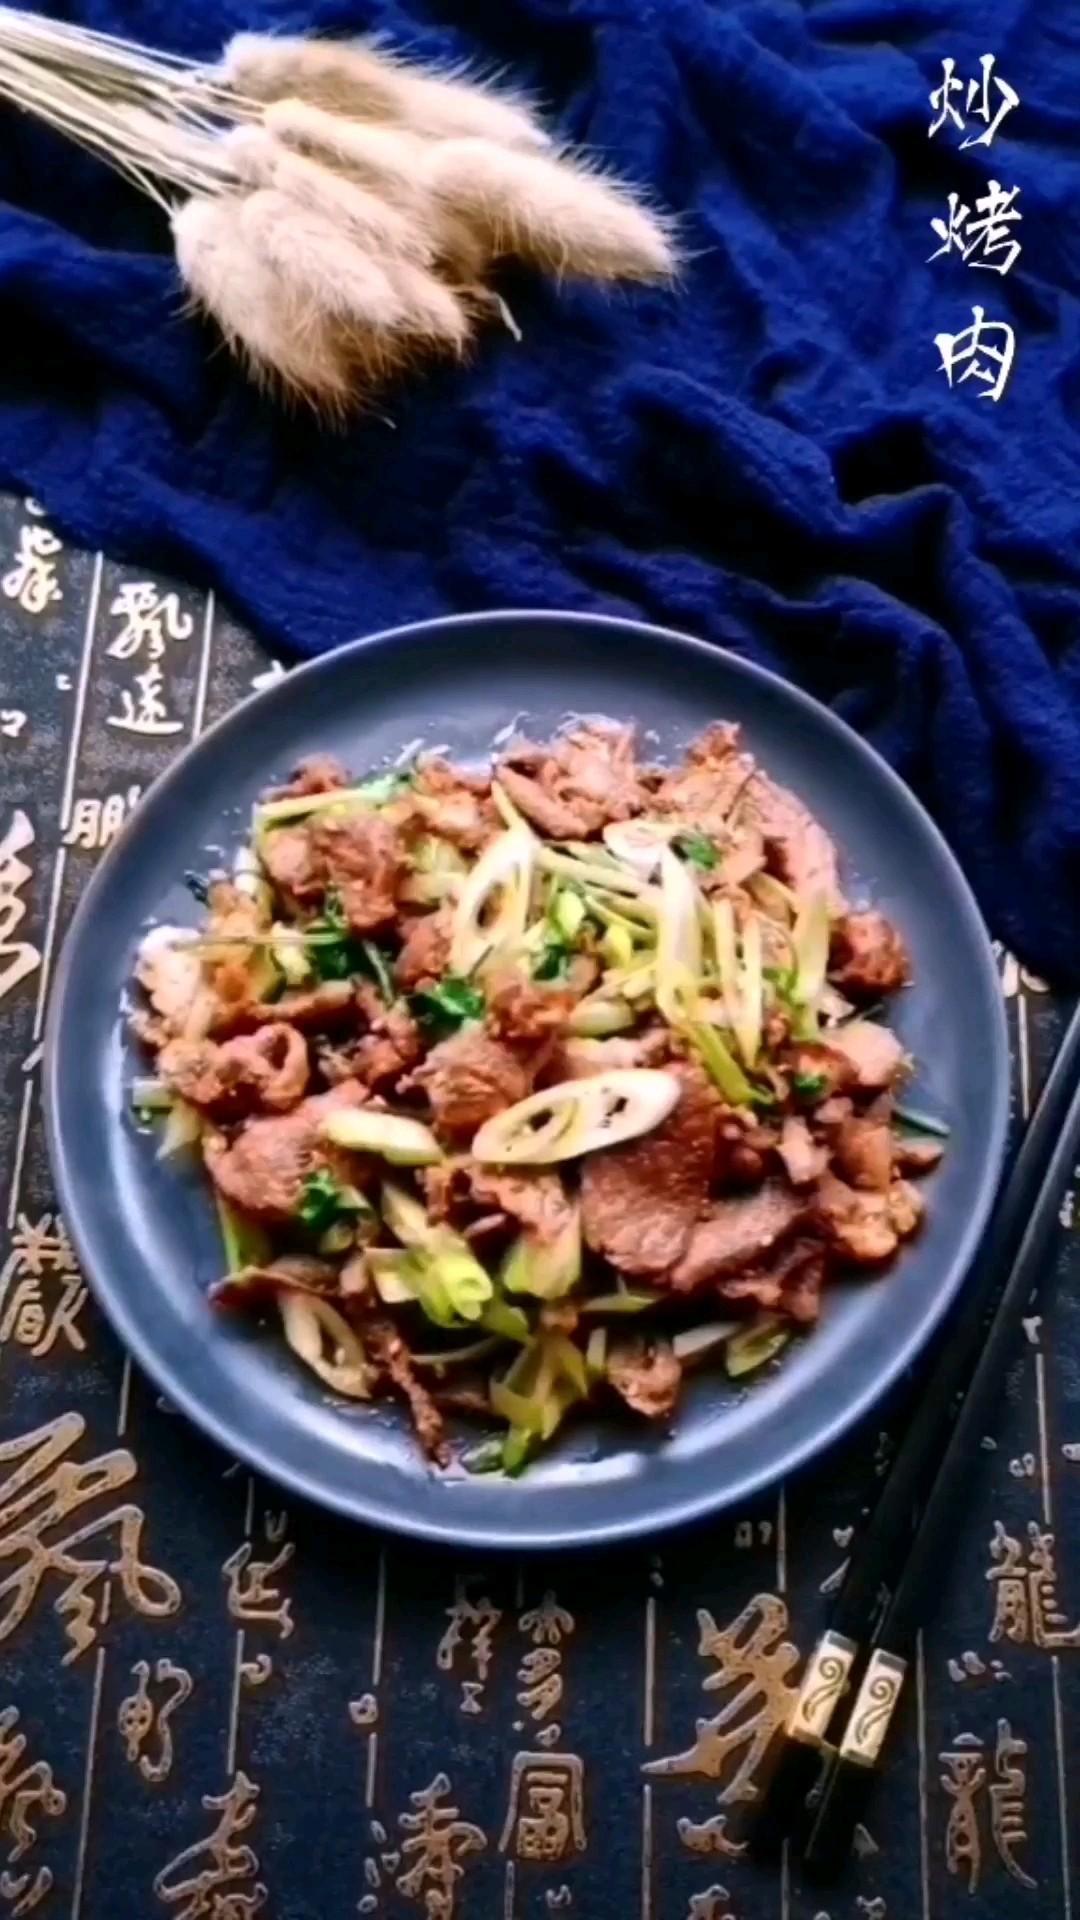 腌咸蟹怎么做好吃鲜嫩多汁香气浓,羊肉这么做香绝了!的做法